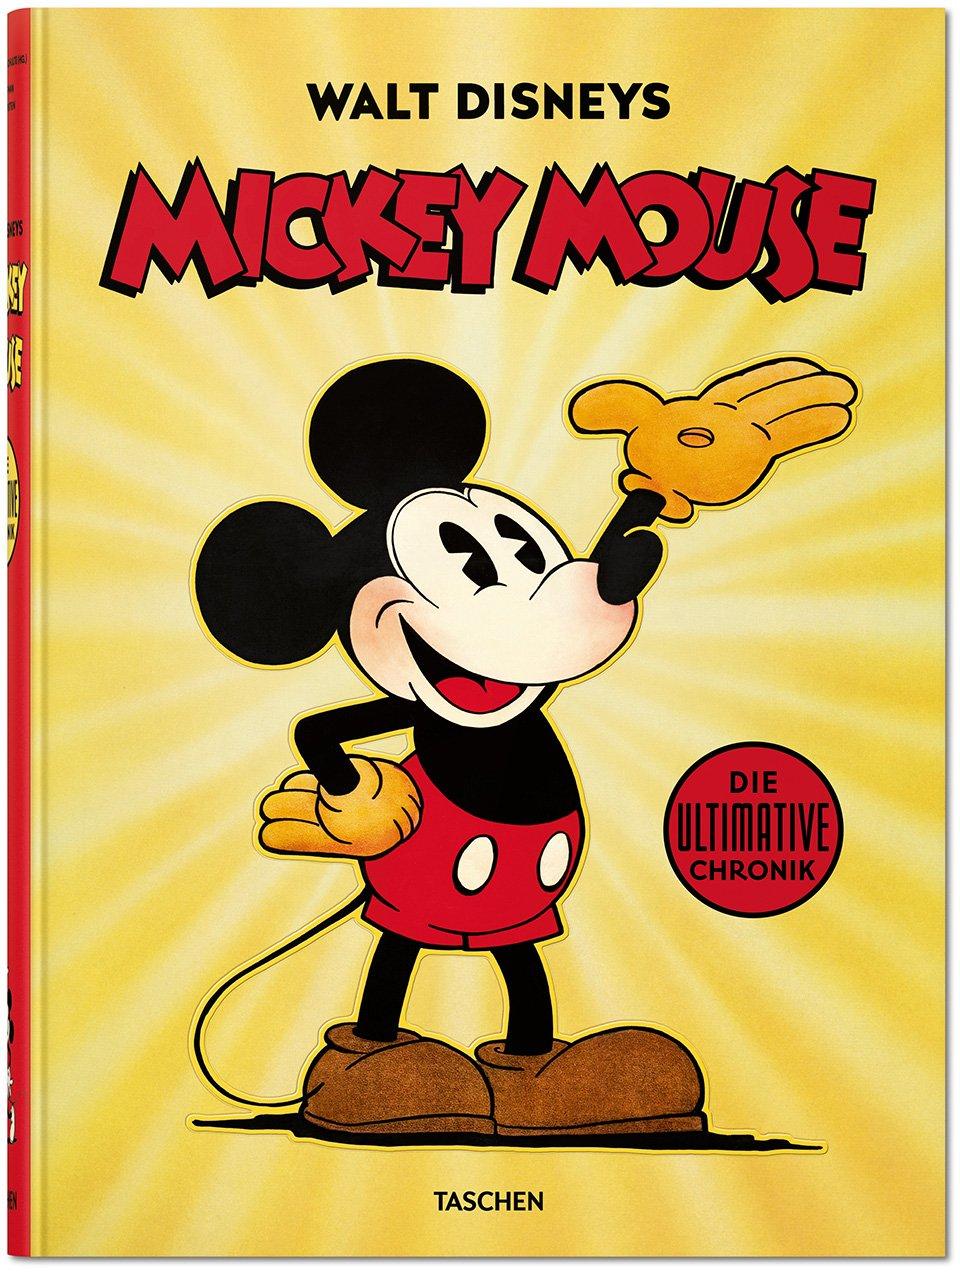 disney_mickey_mouse_xl_d_3d_01148_1811081050_id_1223009